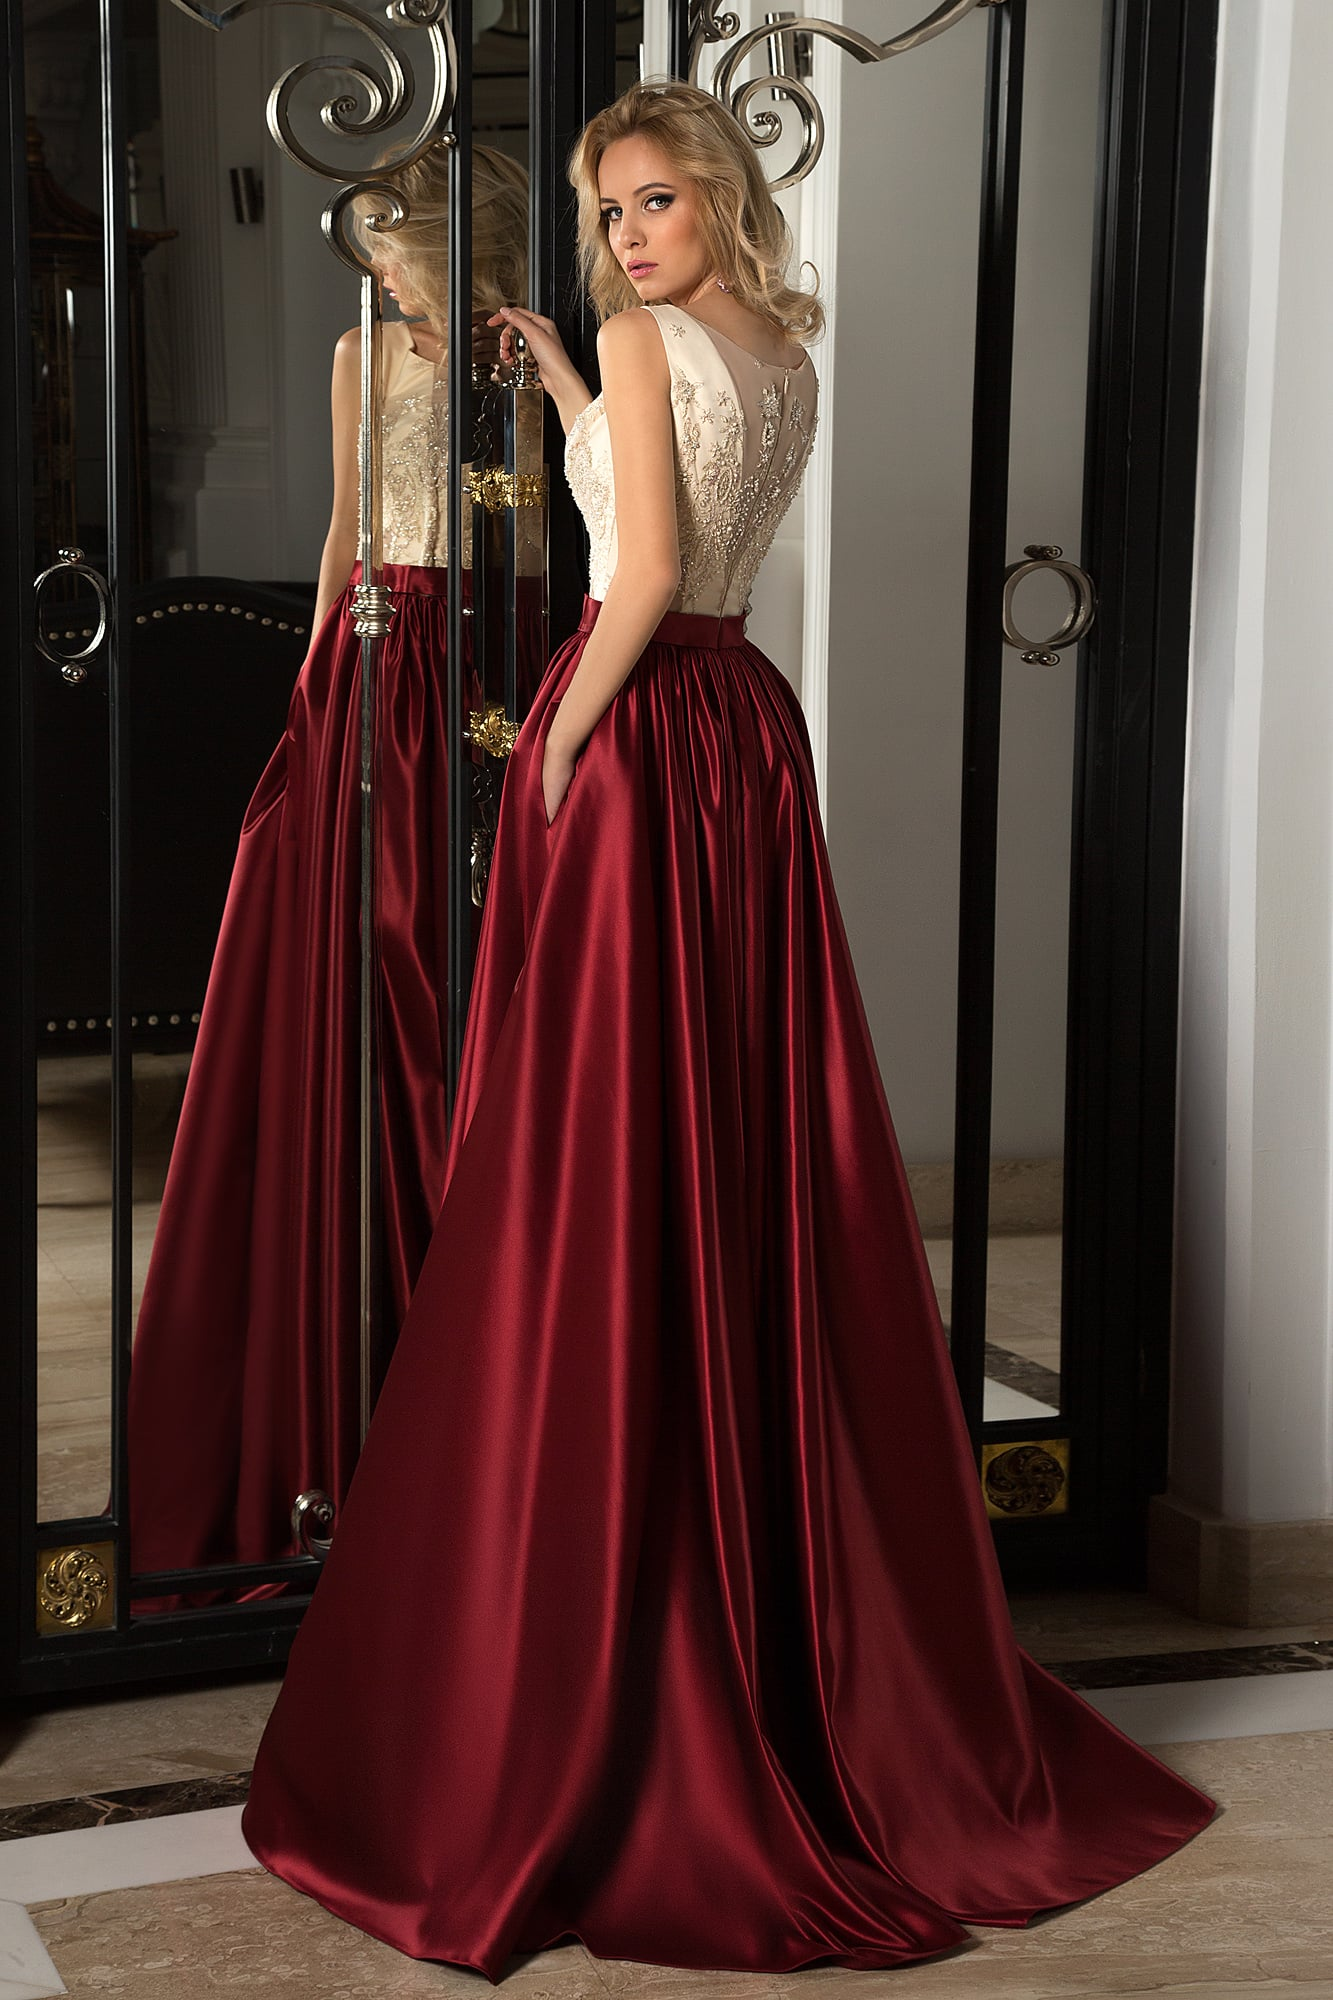 aa9a49b61e9  shop 16-1053   shop 16-1069 . Oksana Mukha 2017   16-1054. Элегантный  соблазн воплощается в вечернем платье ...